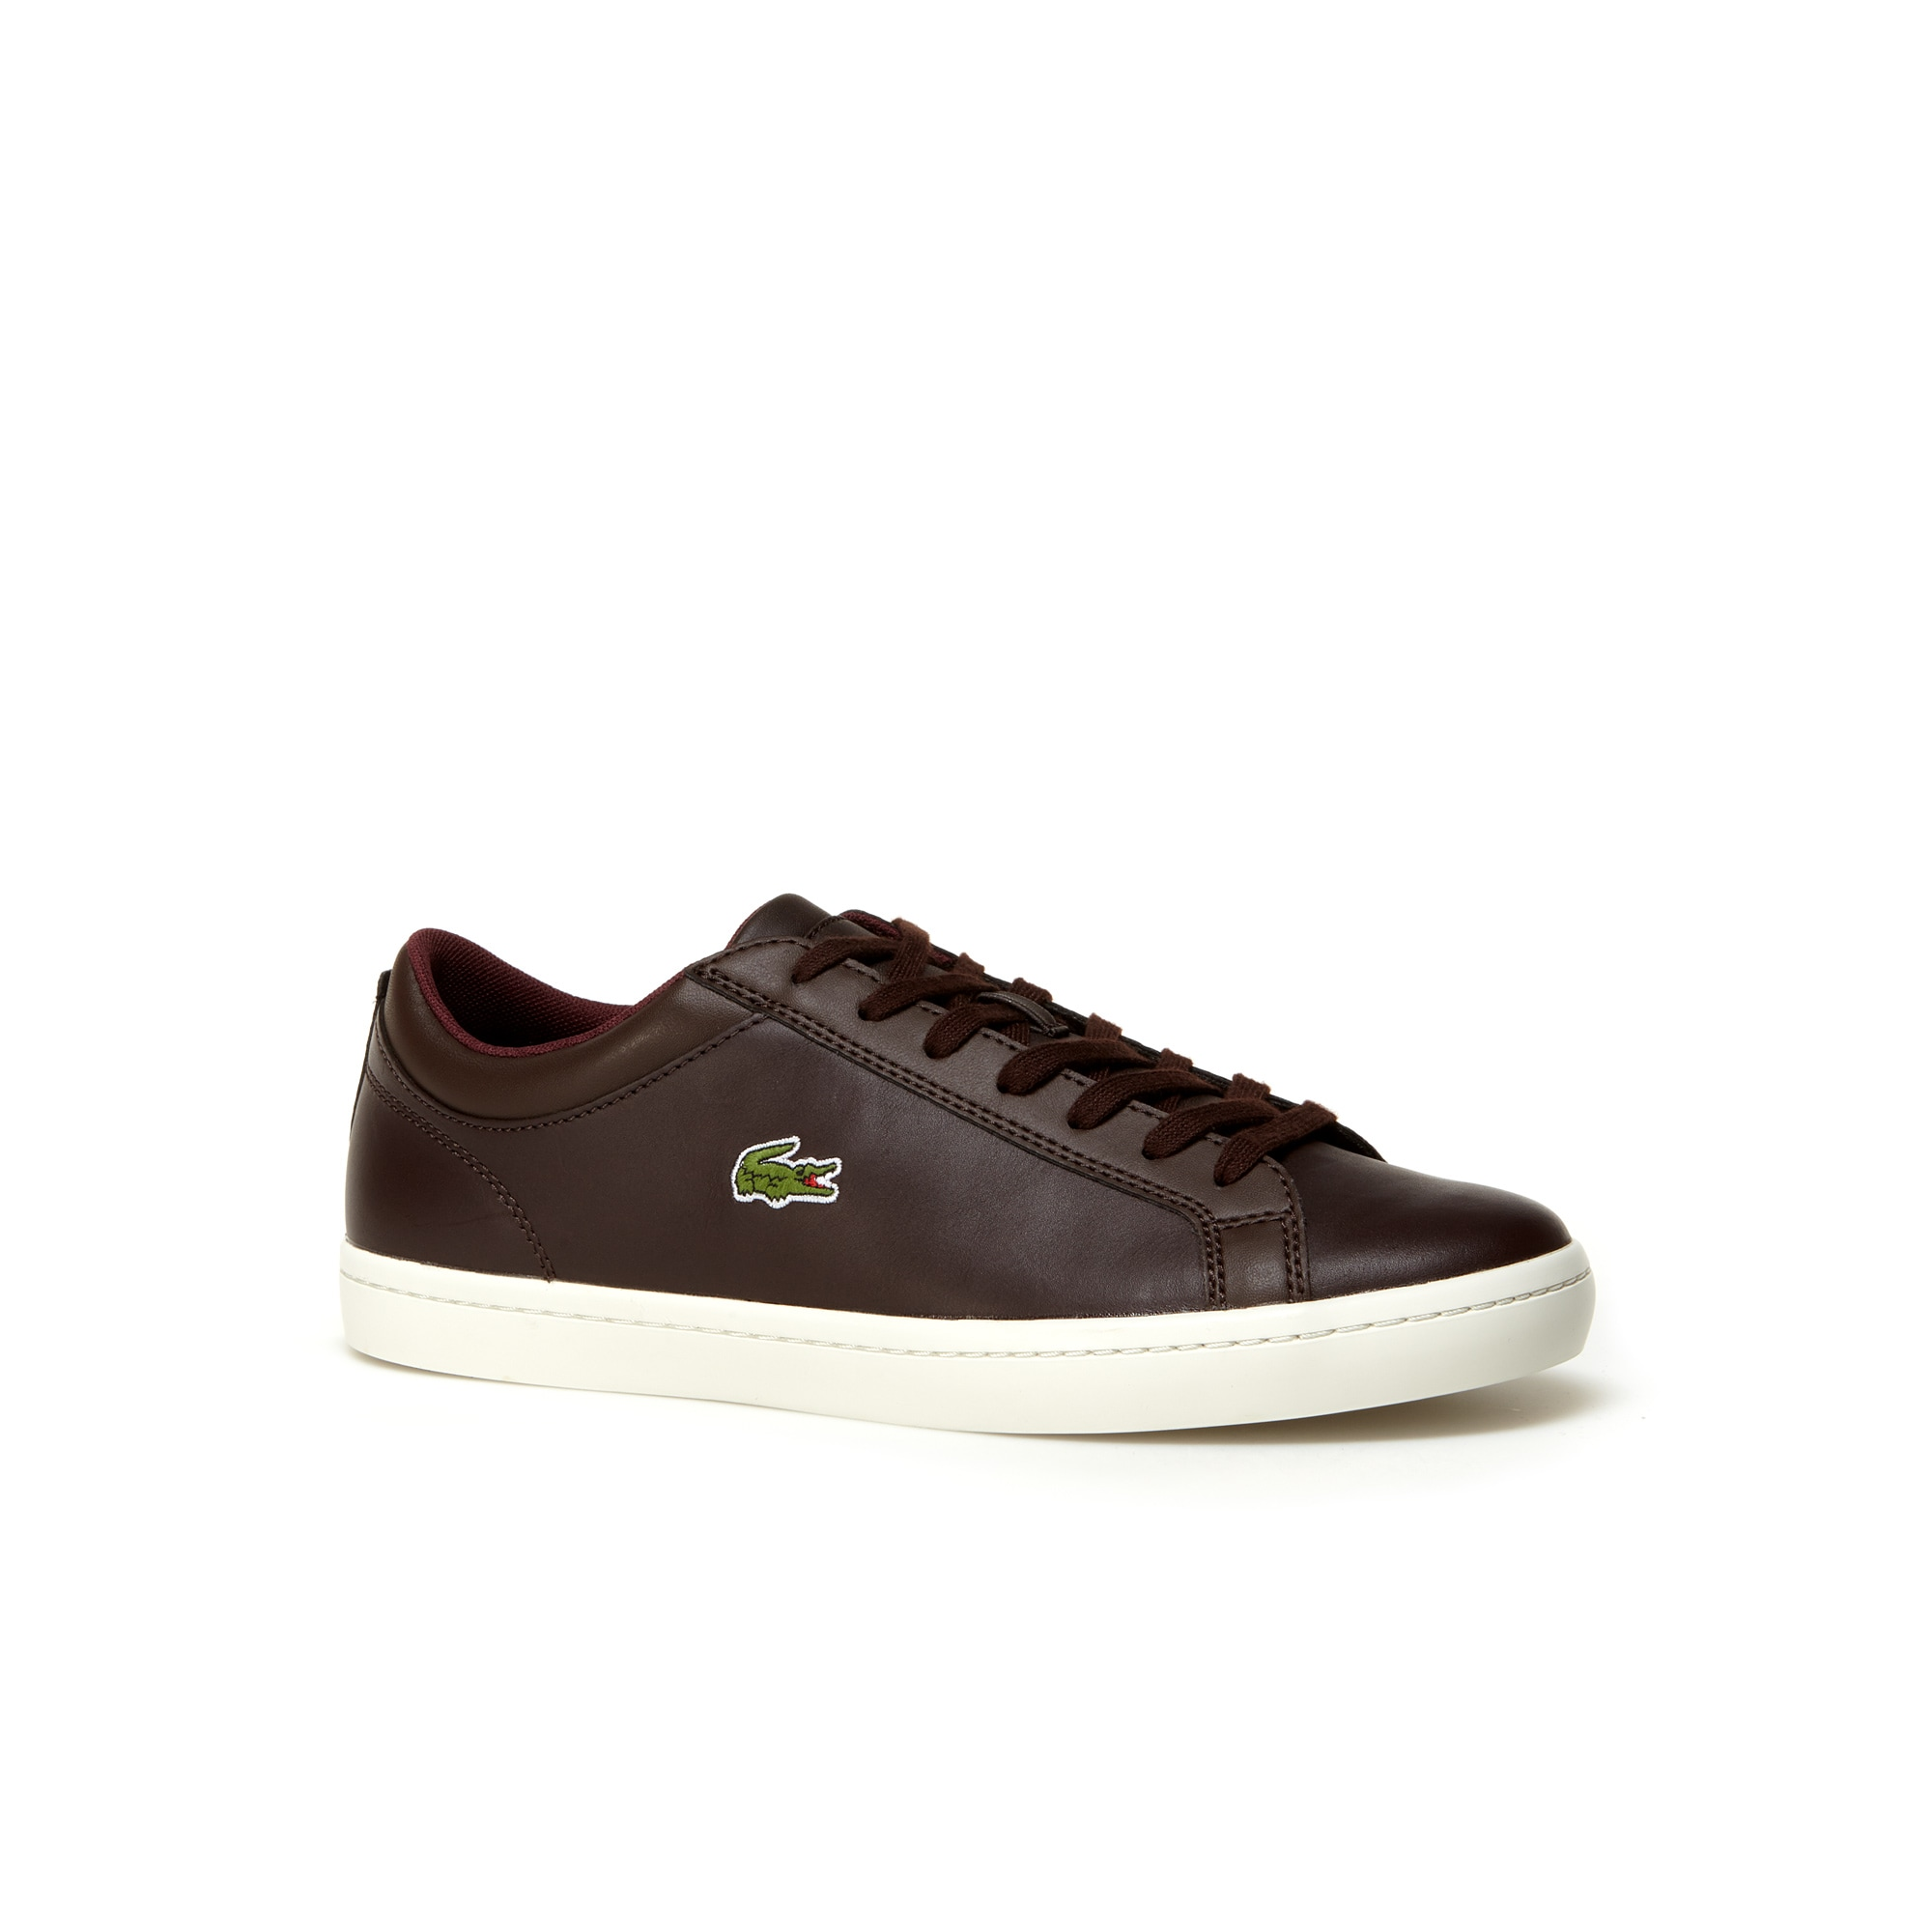 Sneakers Straightset SP en cuir